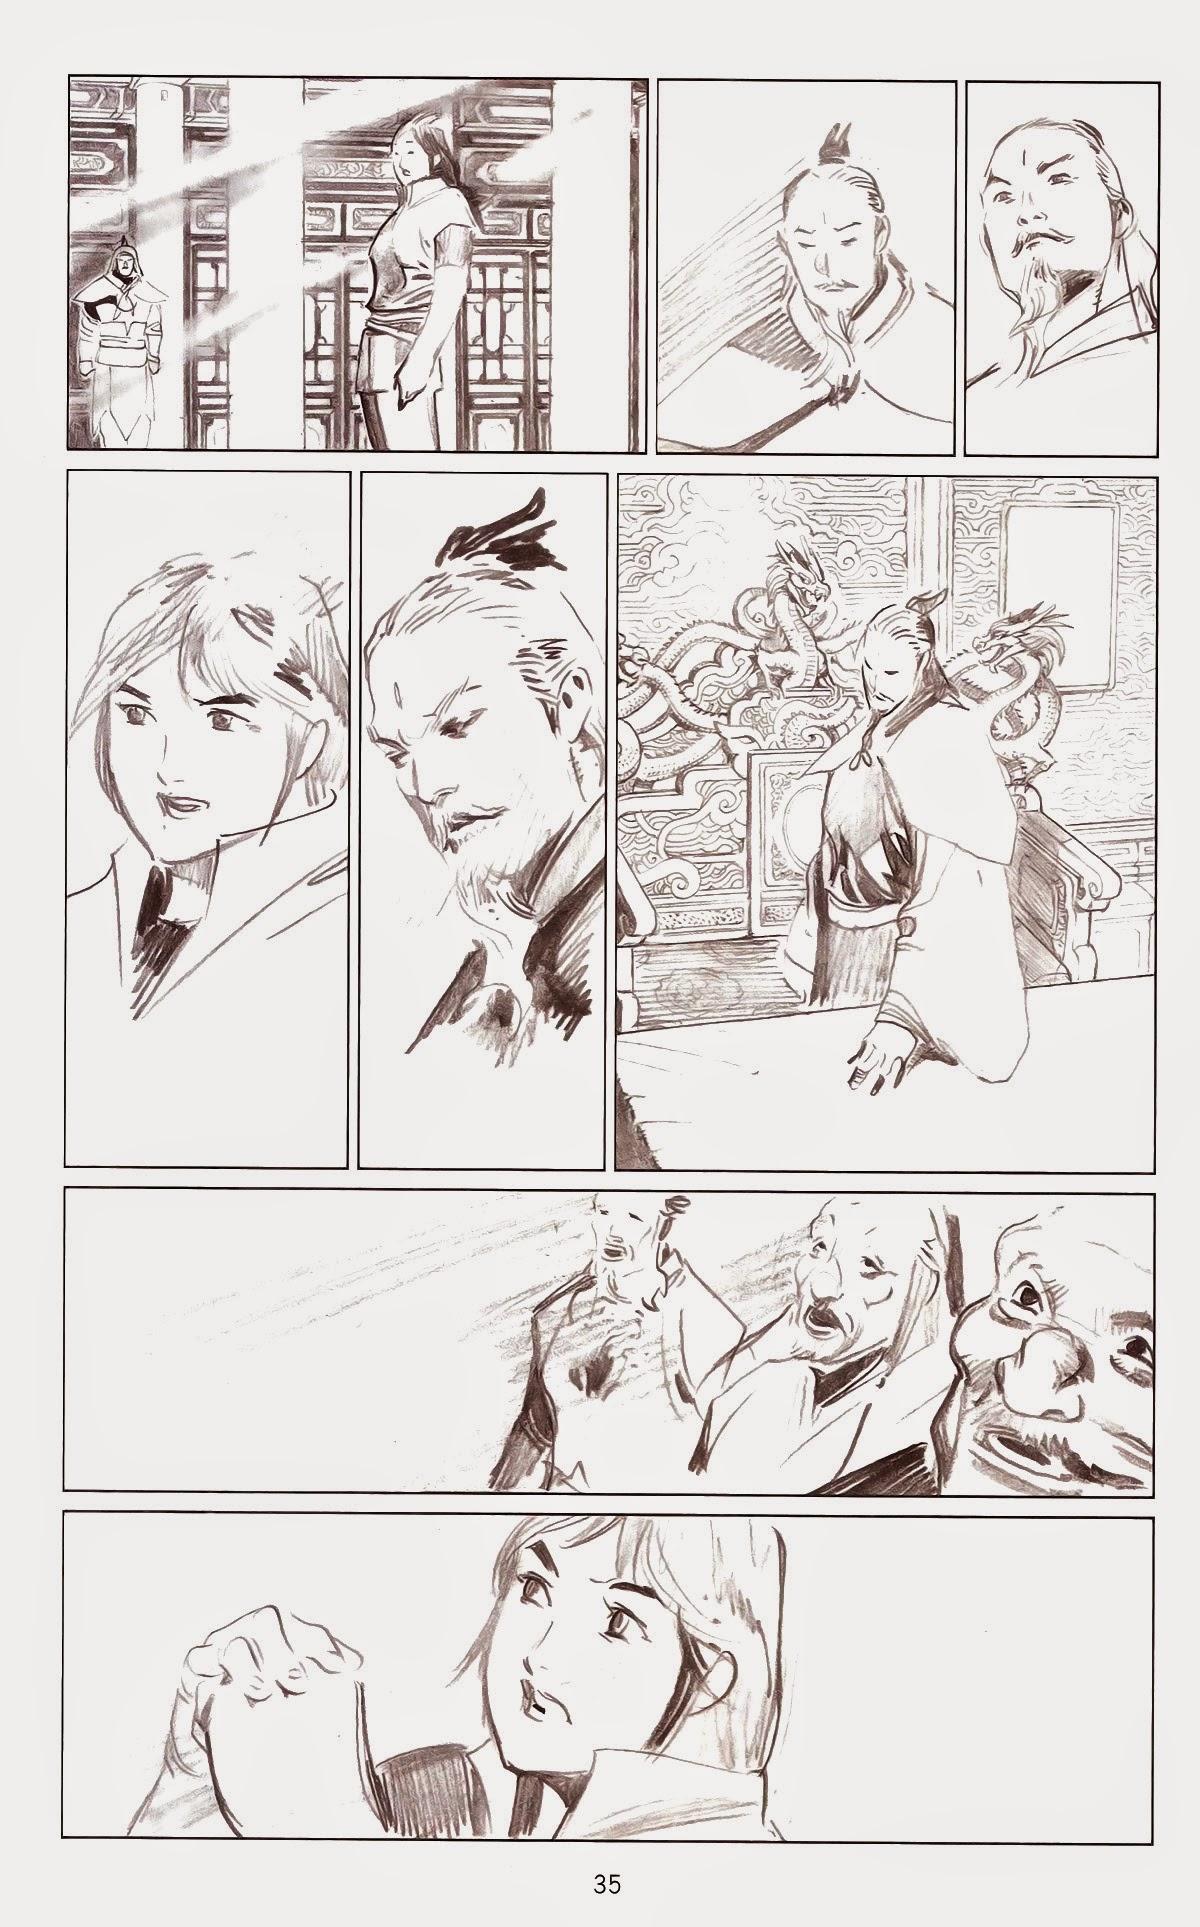 Phong Vân chap 675 - Trang 33